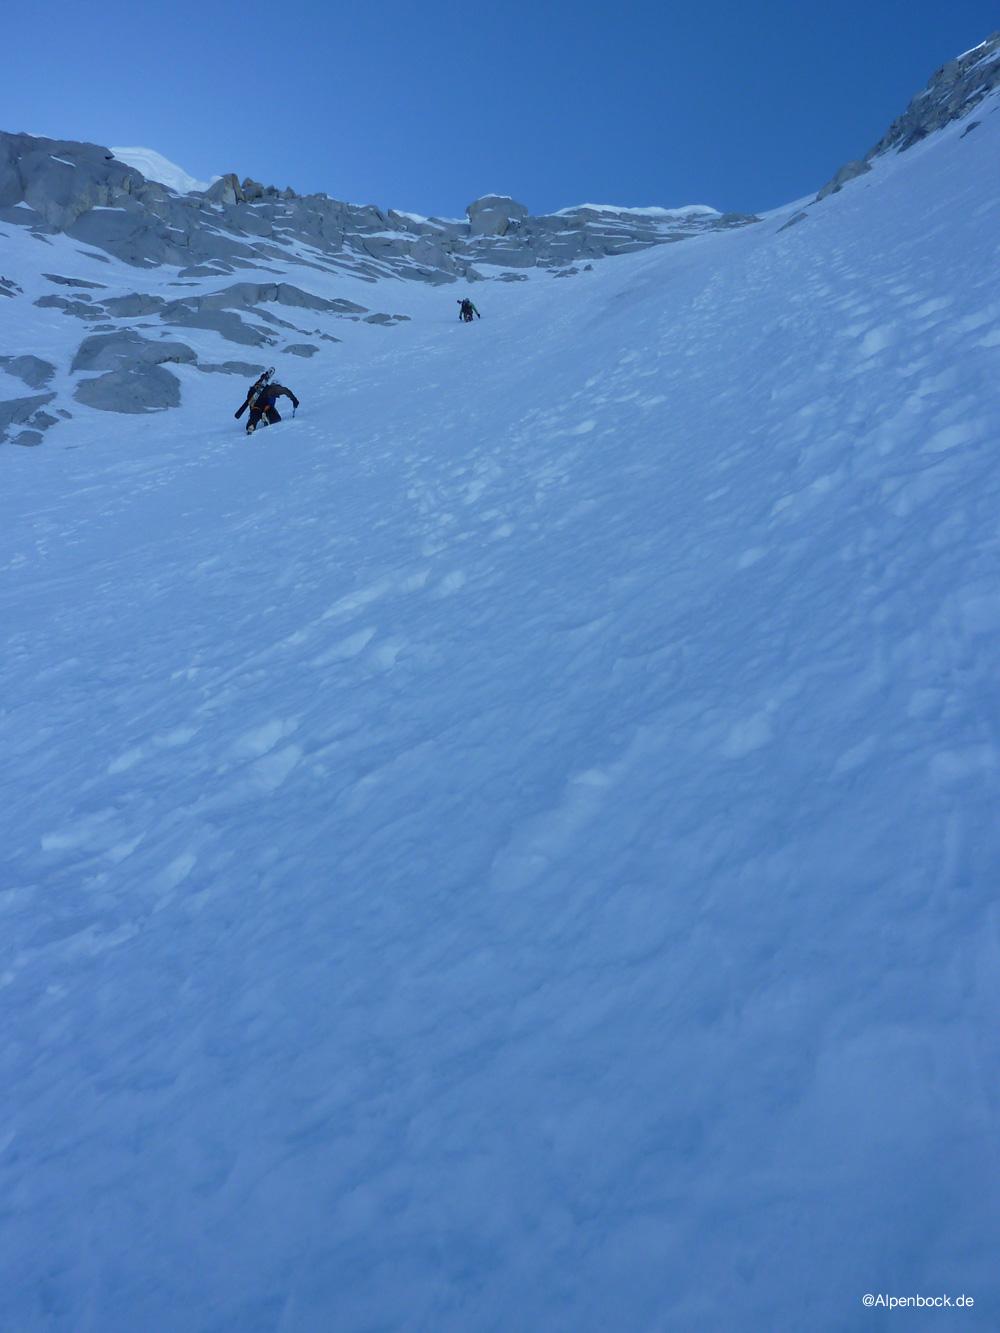 Doch leider gibt es im oberen, steileren Teil einige mit nicht mehr wirklich viel Schnee bedeckte Abschnitte.